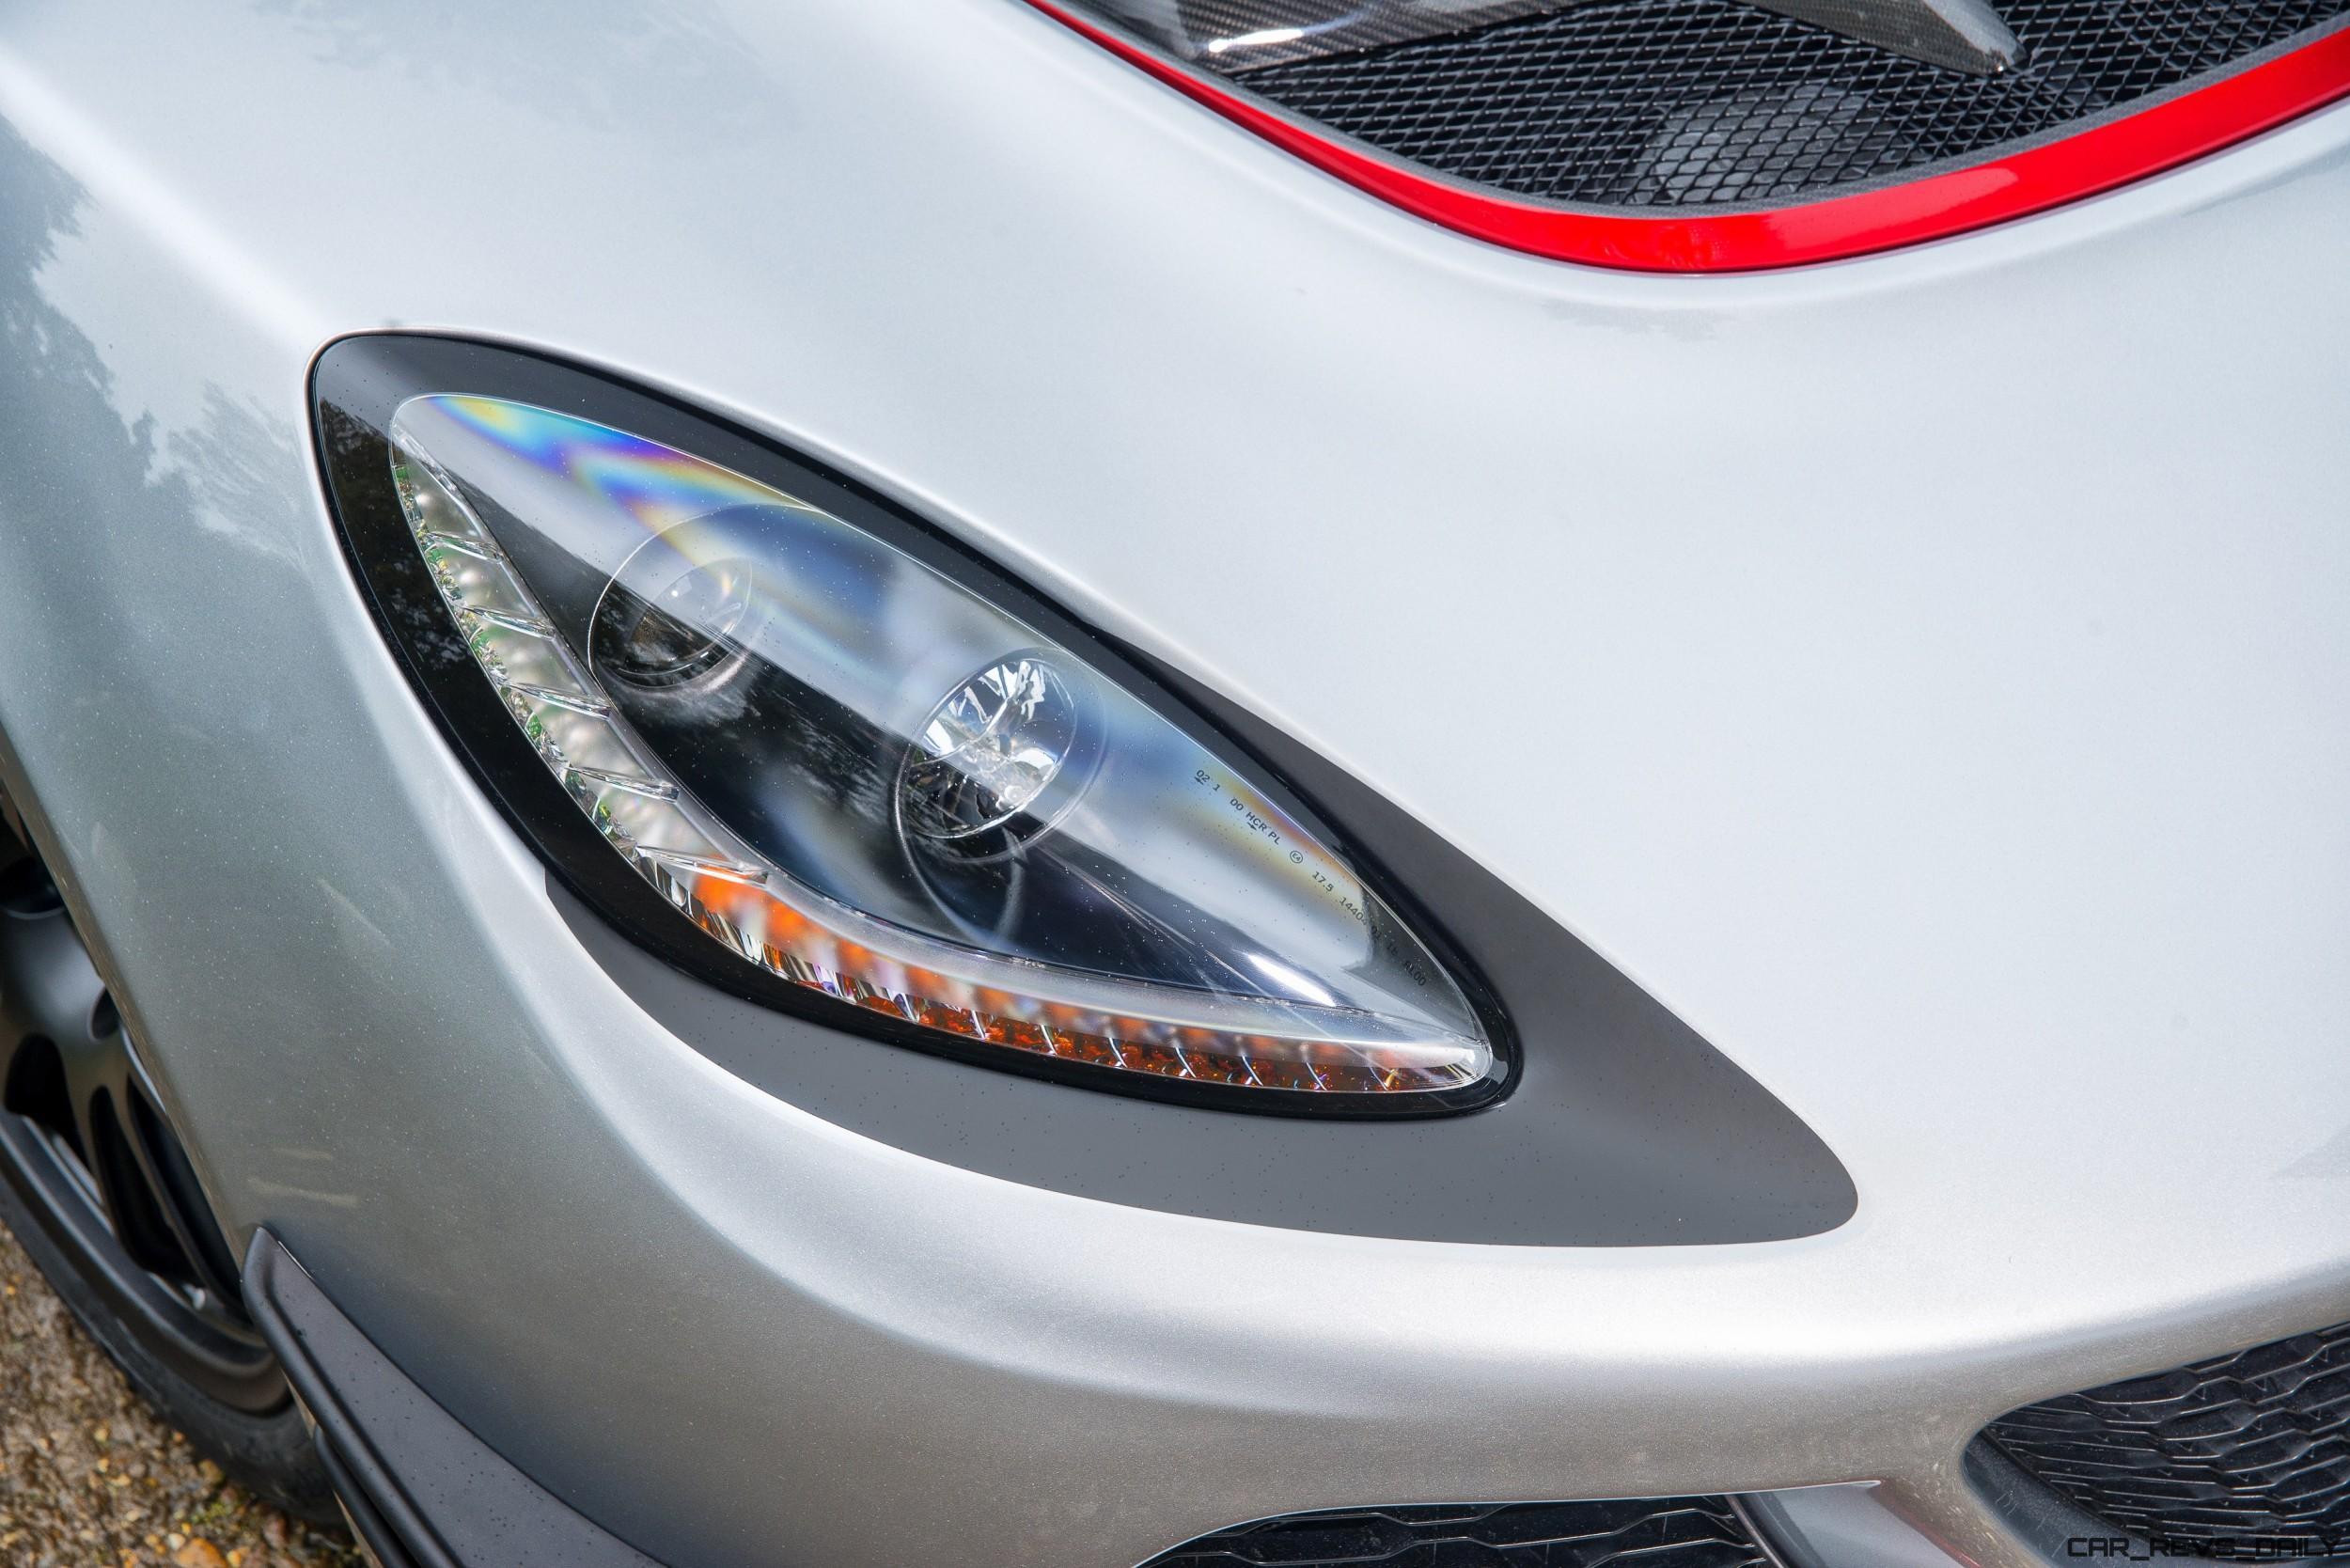 http://www.car-revs-daily.com/wp-content/uploads/2016/11/Exige-Sport-380-Head-Light-Image.jpg